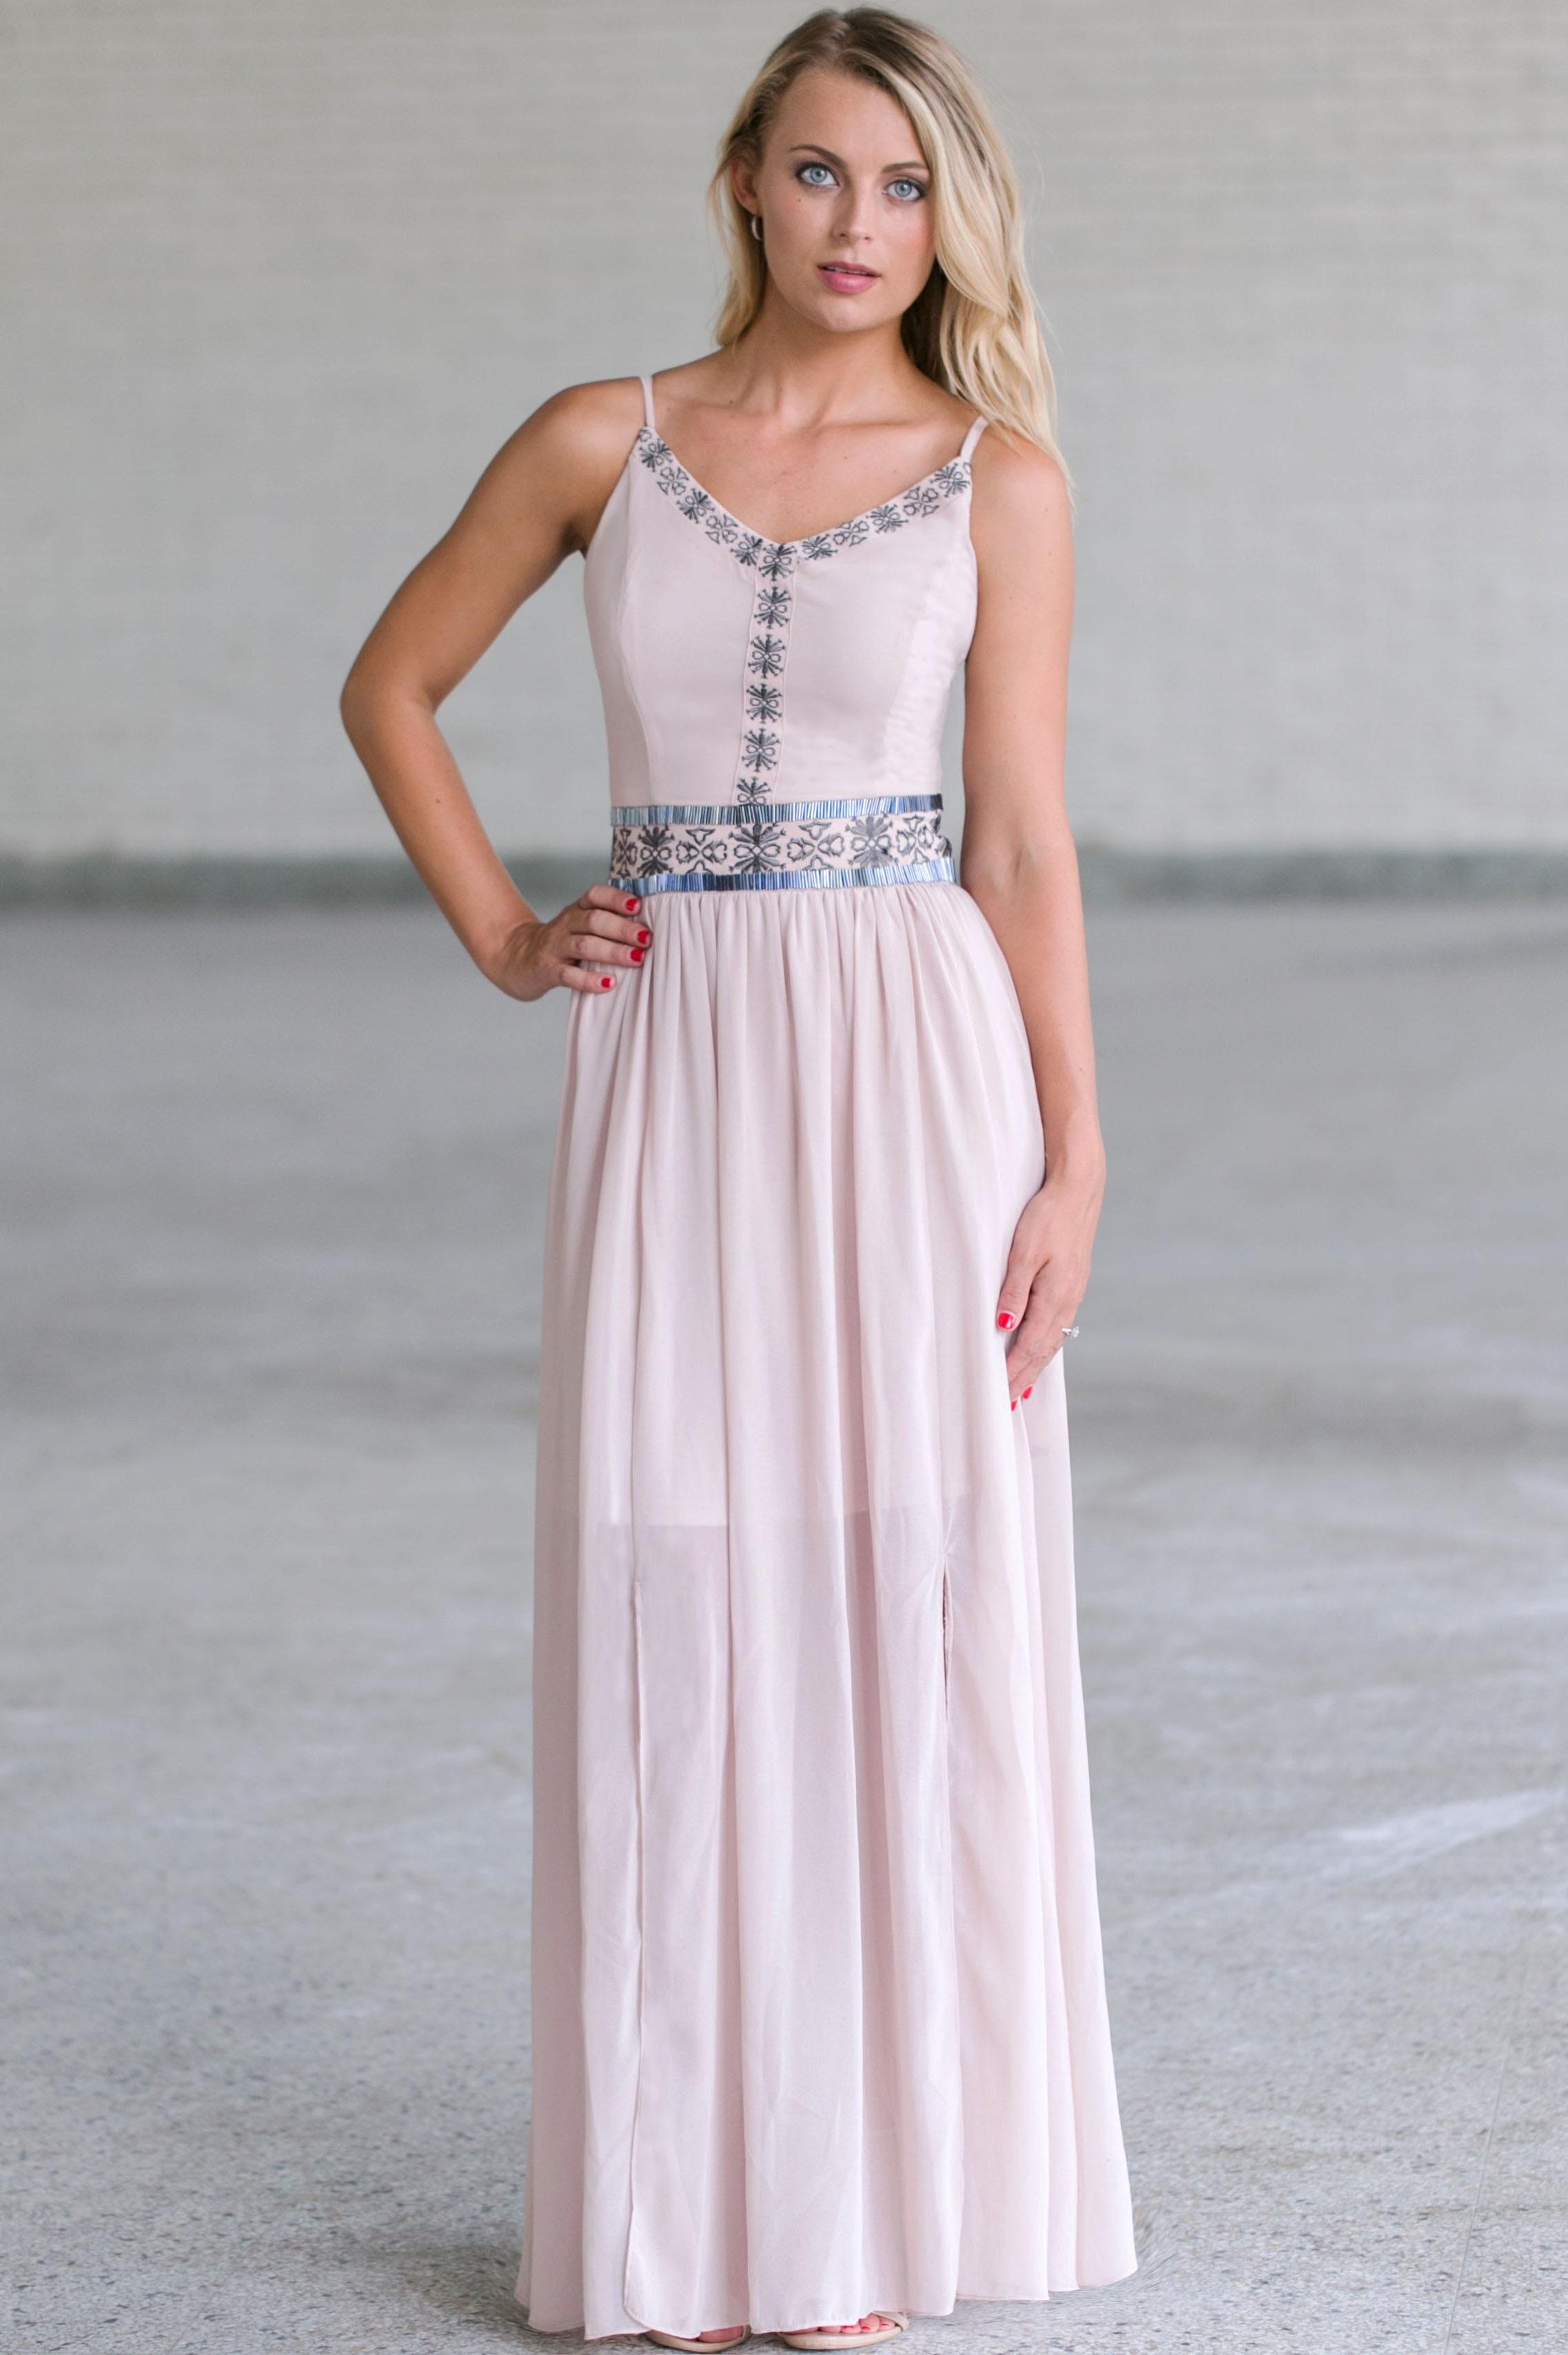 2bdcd466859 Cute Summer Maxi Dress